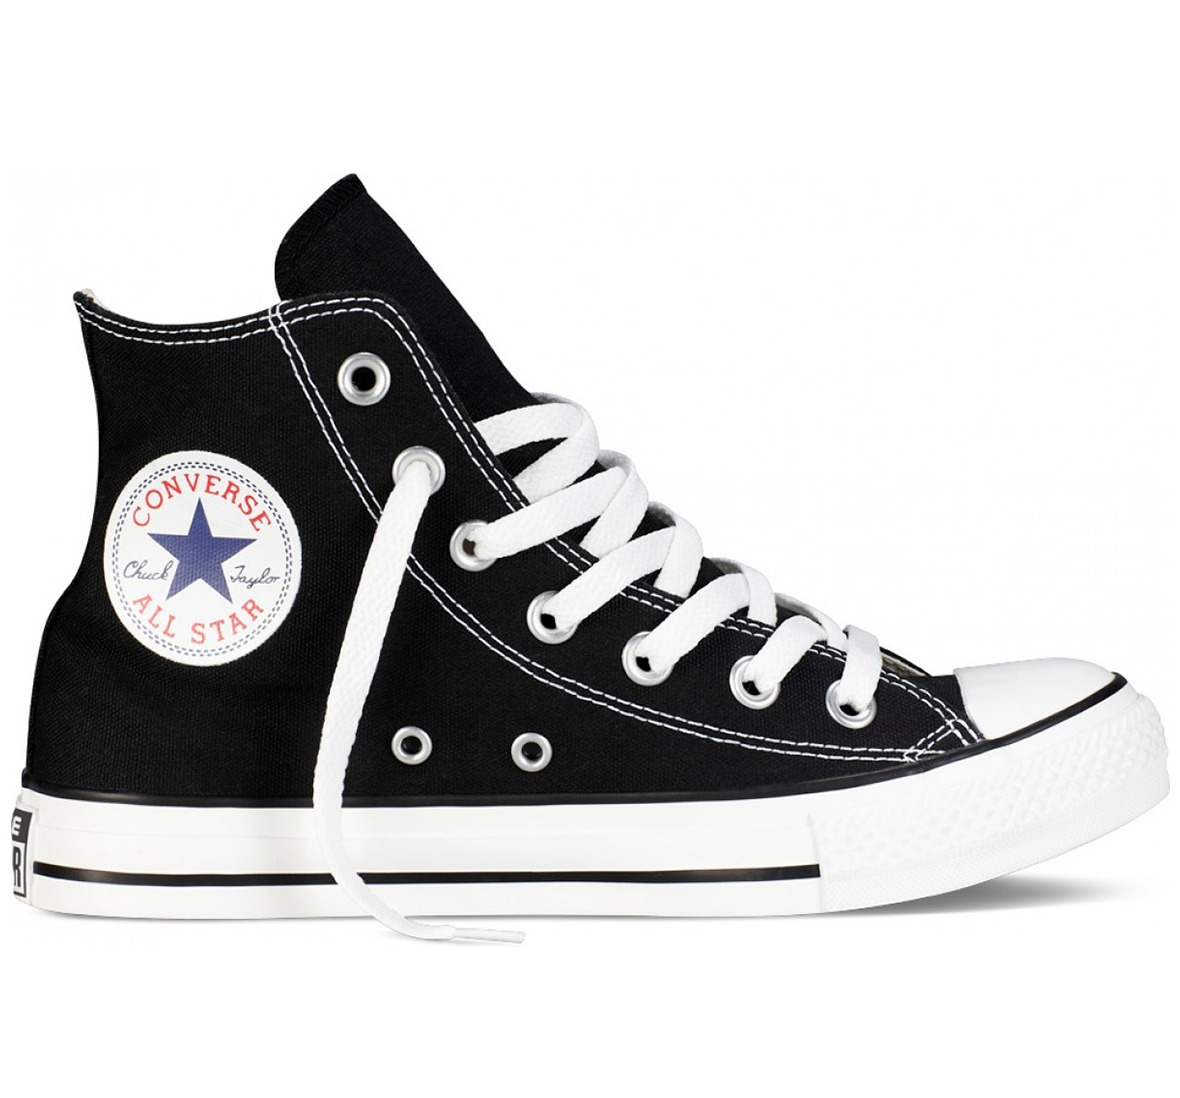 0390e3bd090 tenis converse all star clásico bota negro unisex. Cargando zoom.